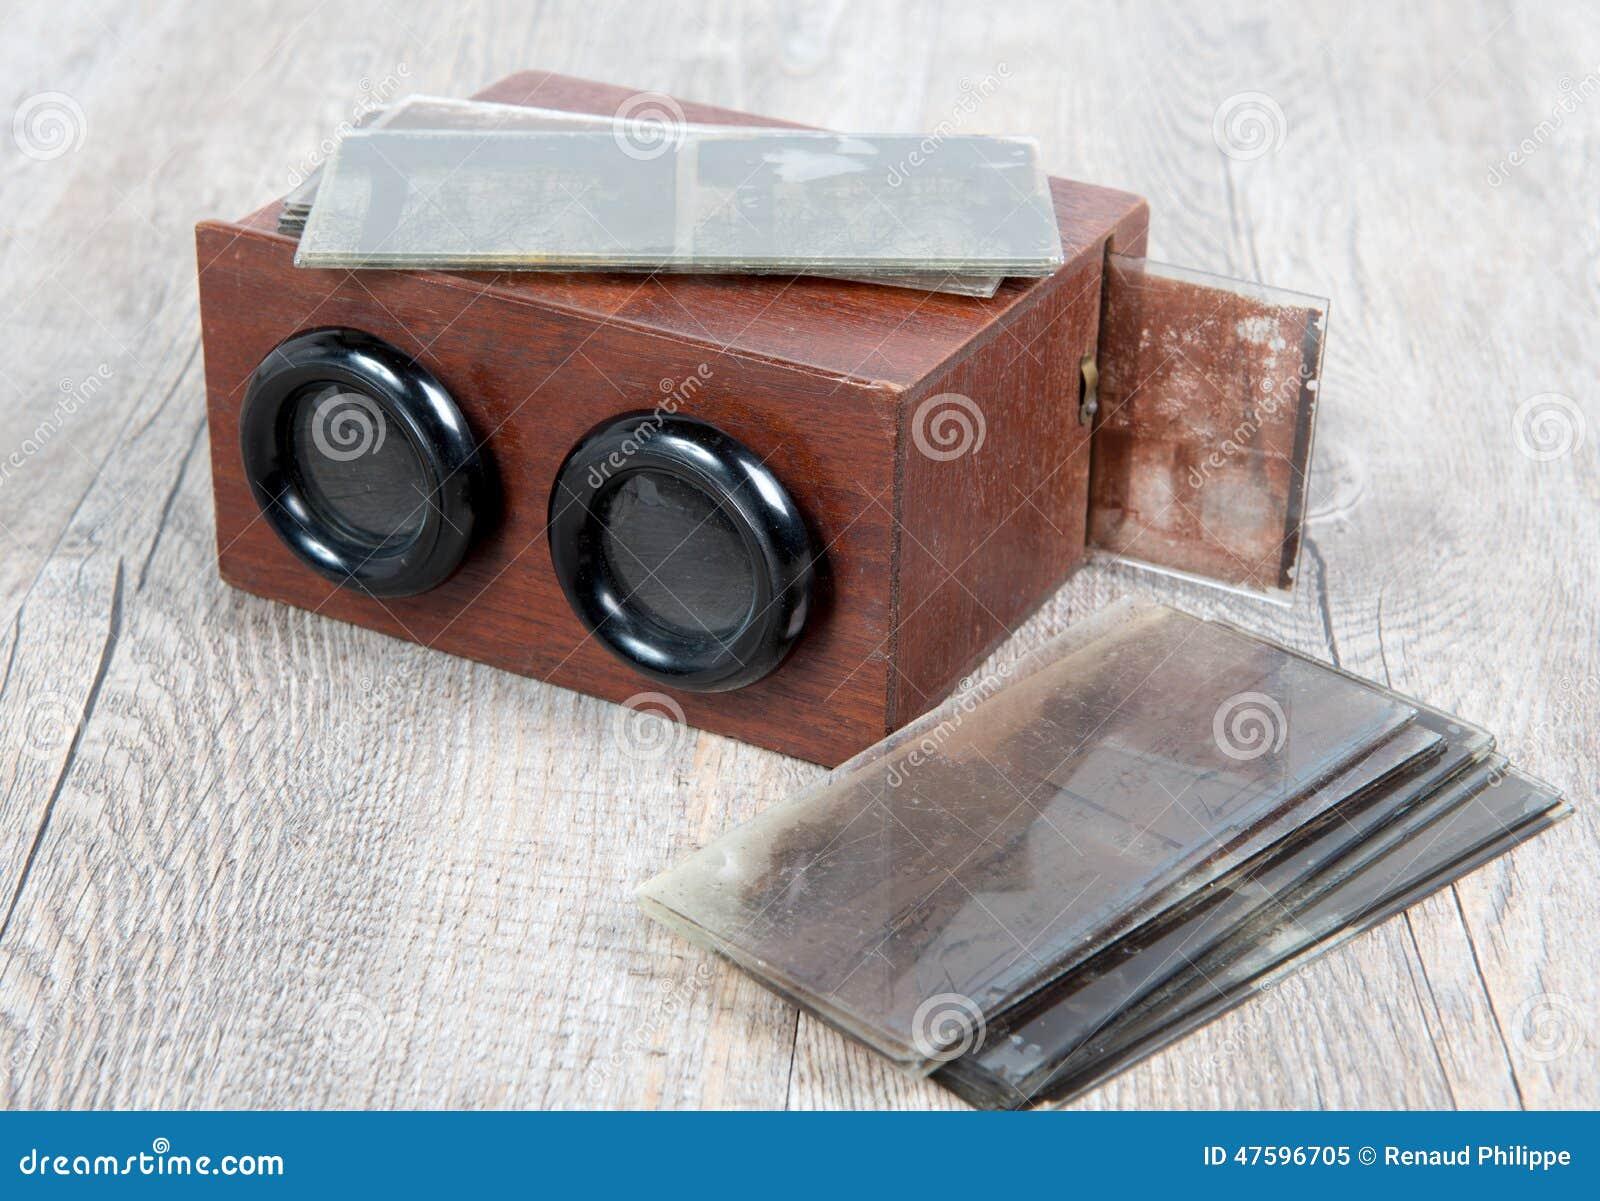 st r oscope en bois avec des plaques de verre photo stock. Black Bedroom Furniture Sets. Home Design Ideas